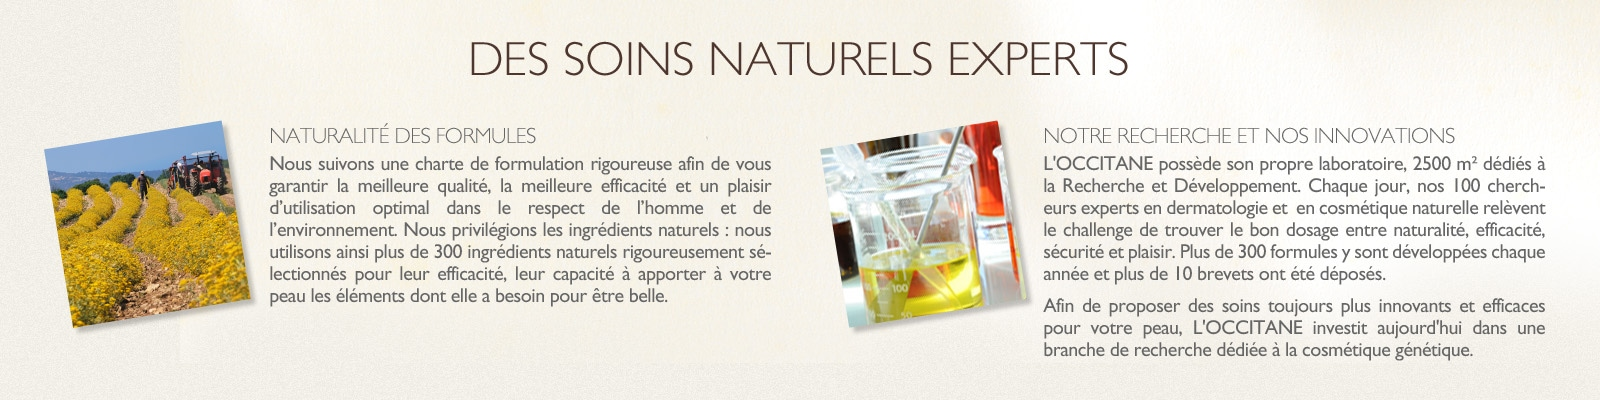 Soins naturels experts - L'Occitane